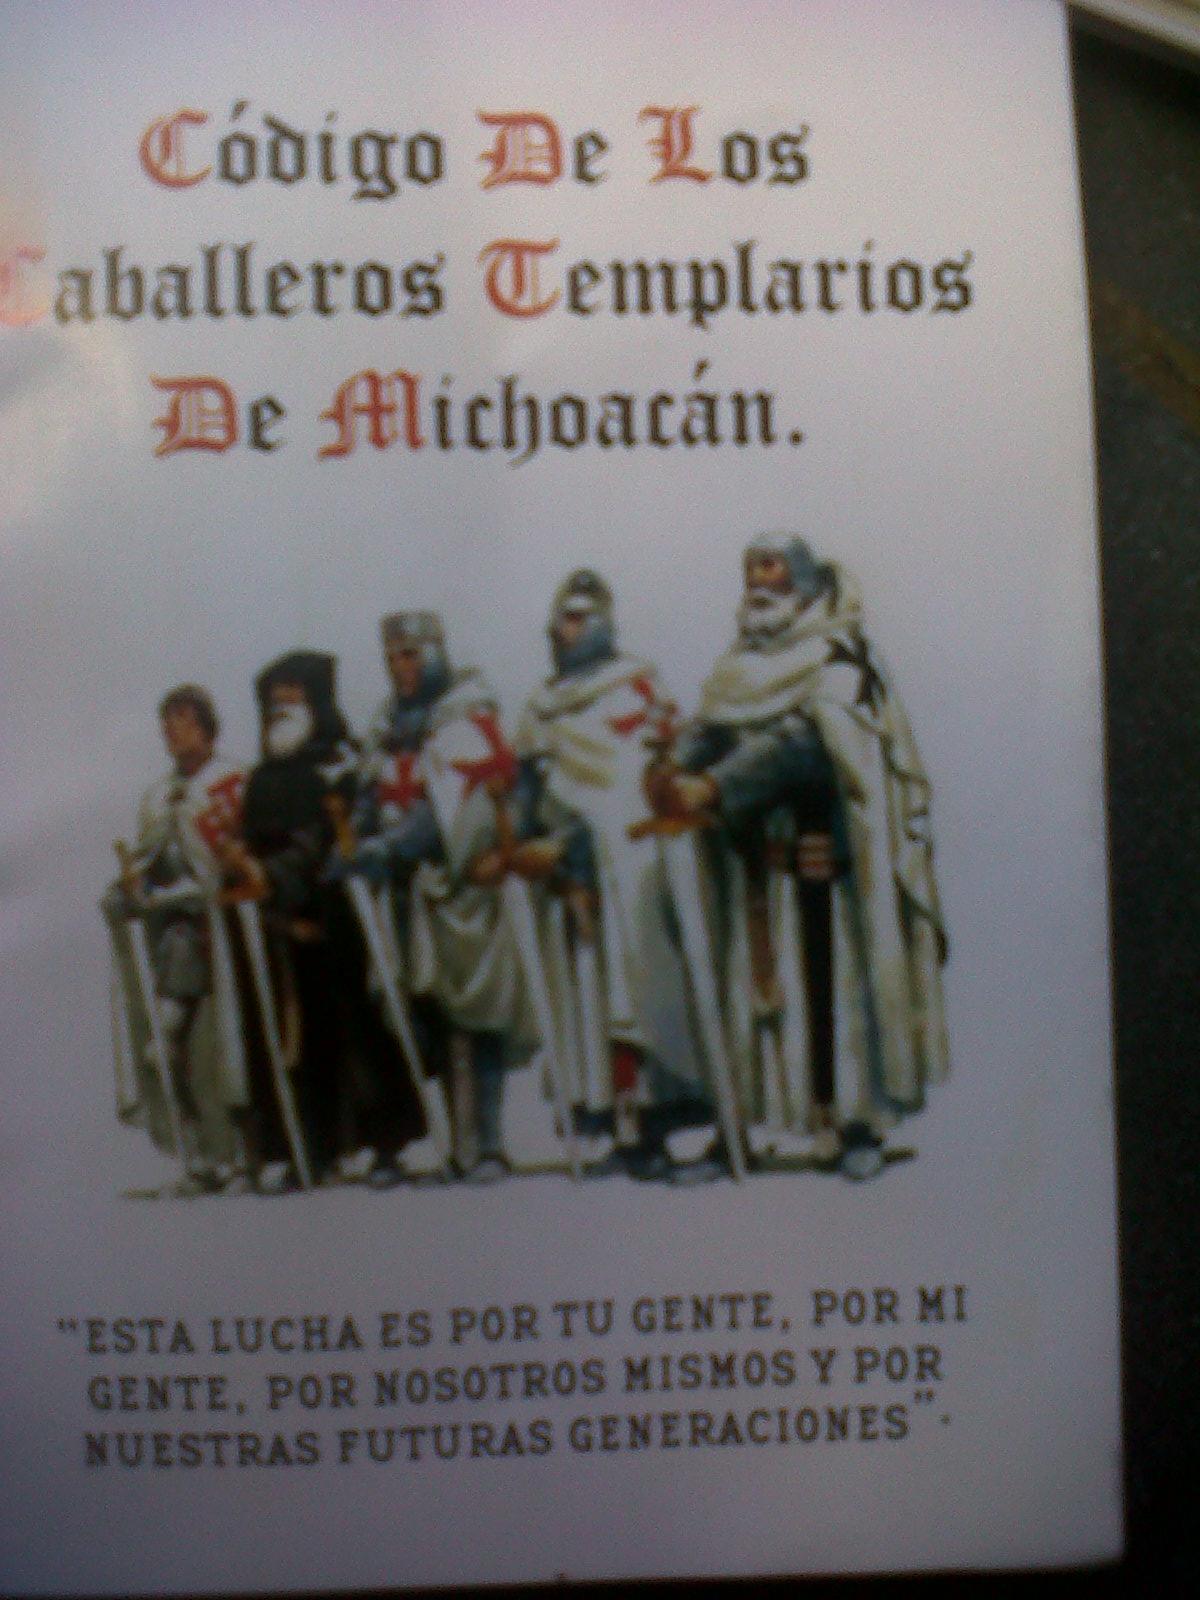 El código de los Caballeros Templarios de Michoacán